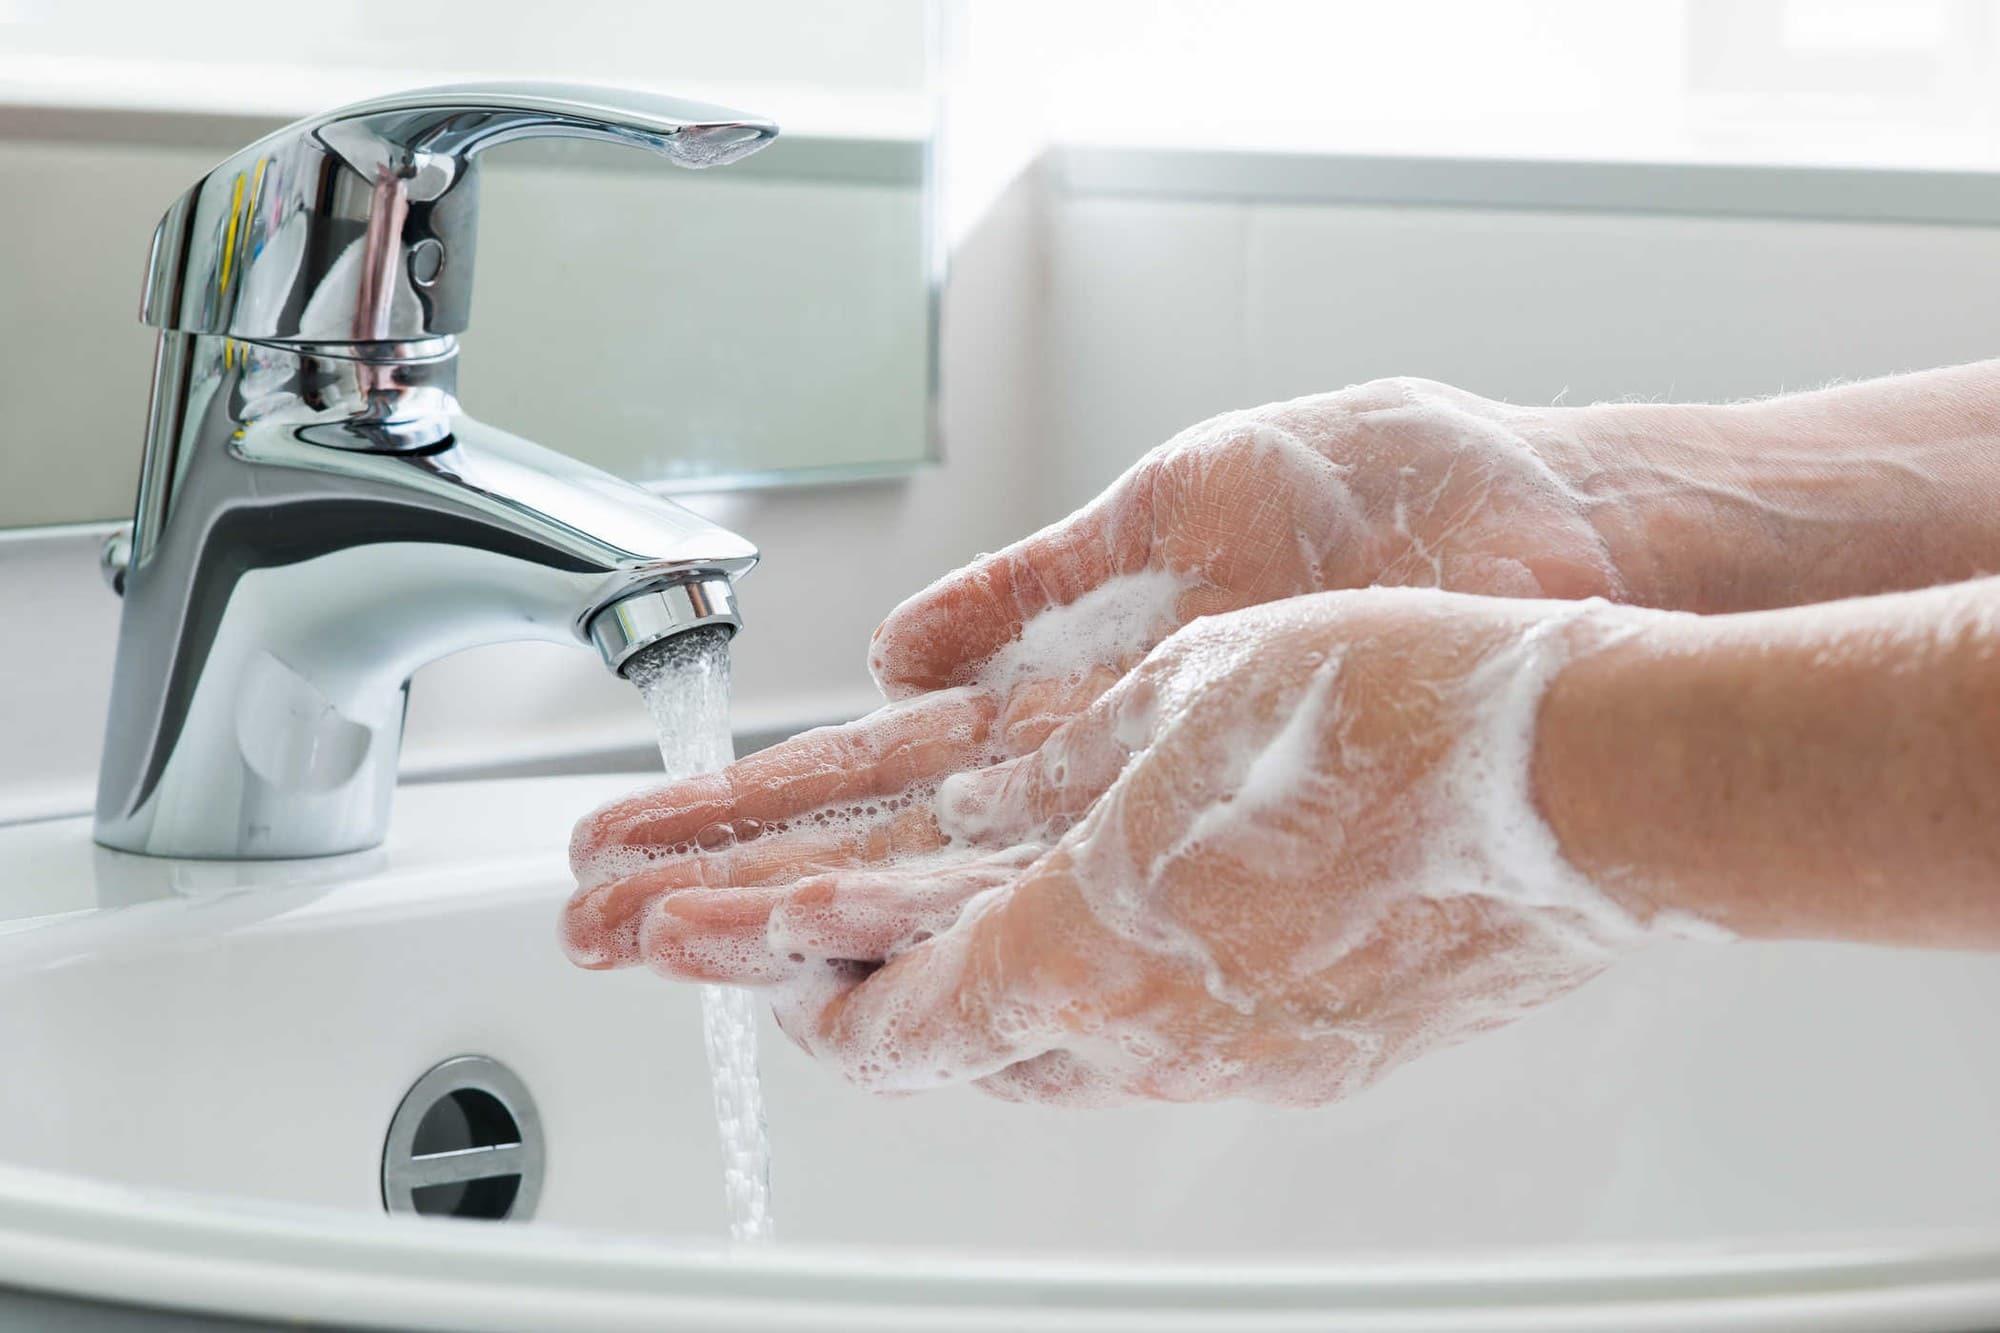 Hãy rửa tay sạch sẽ trước khi thay băng vệ sinh